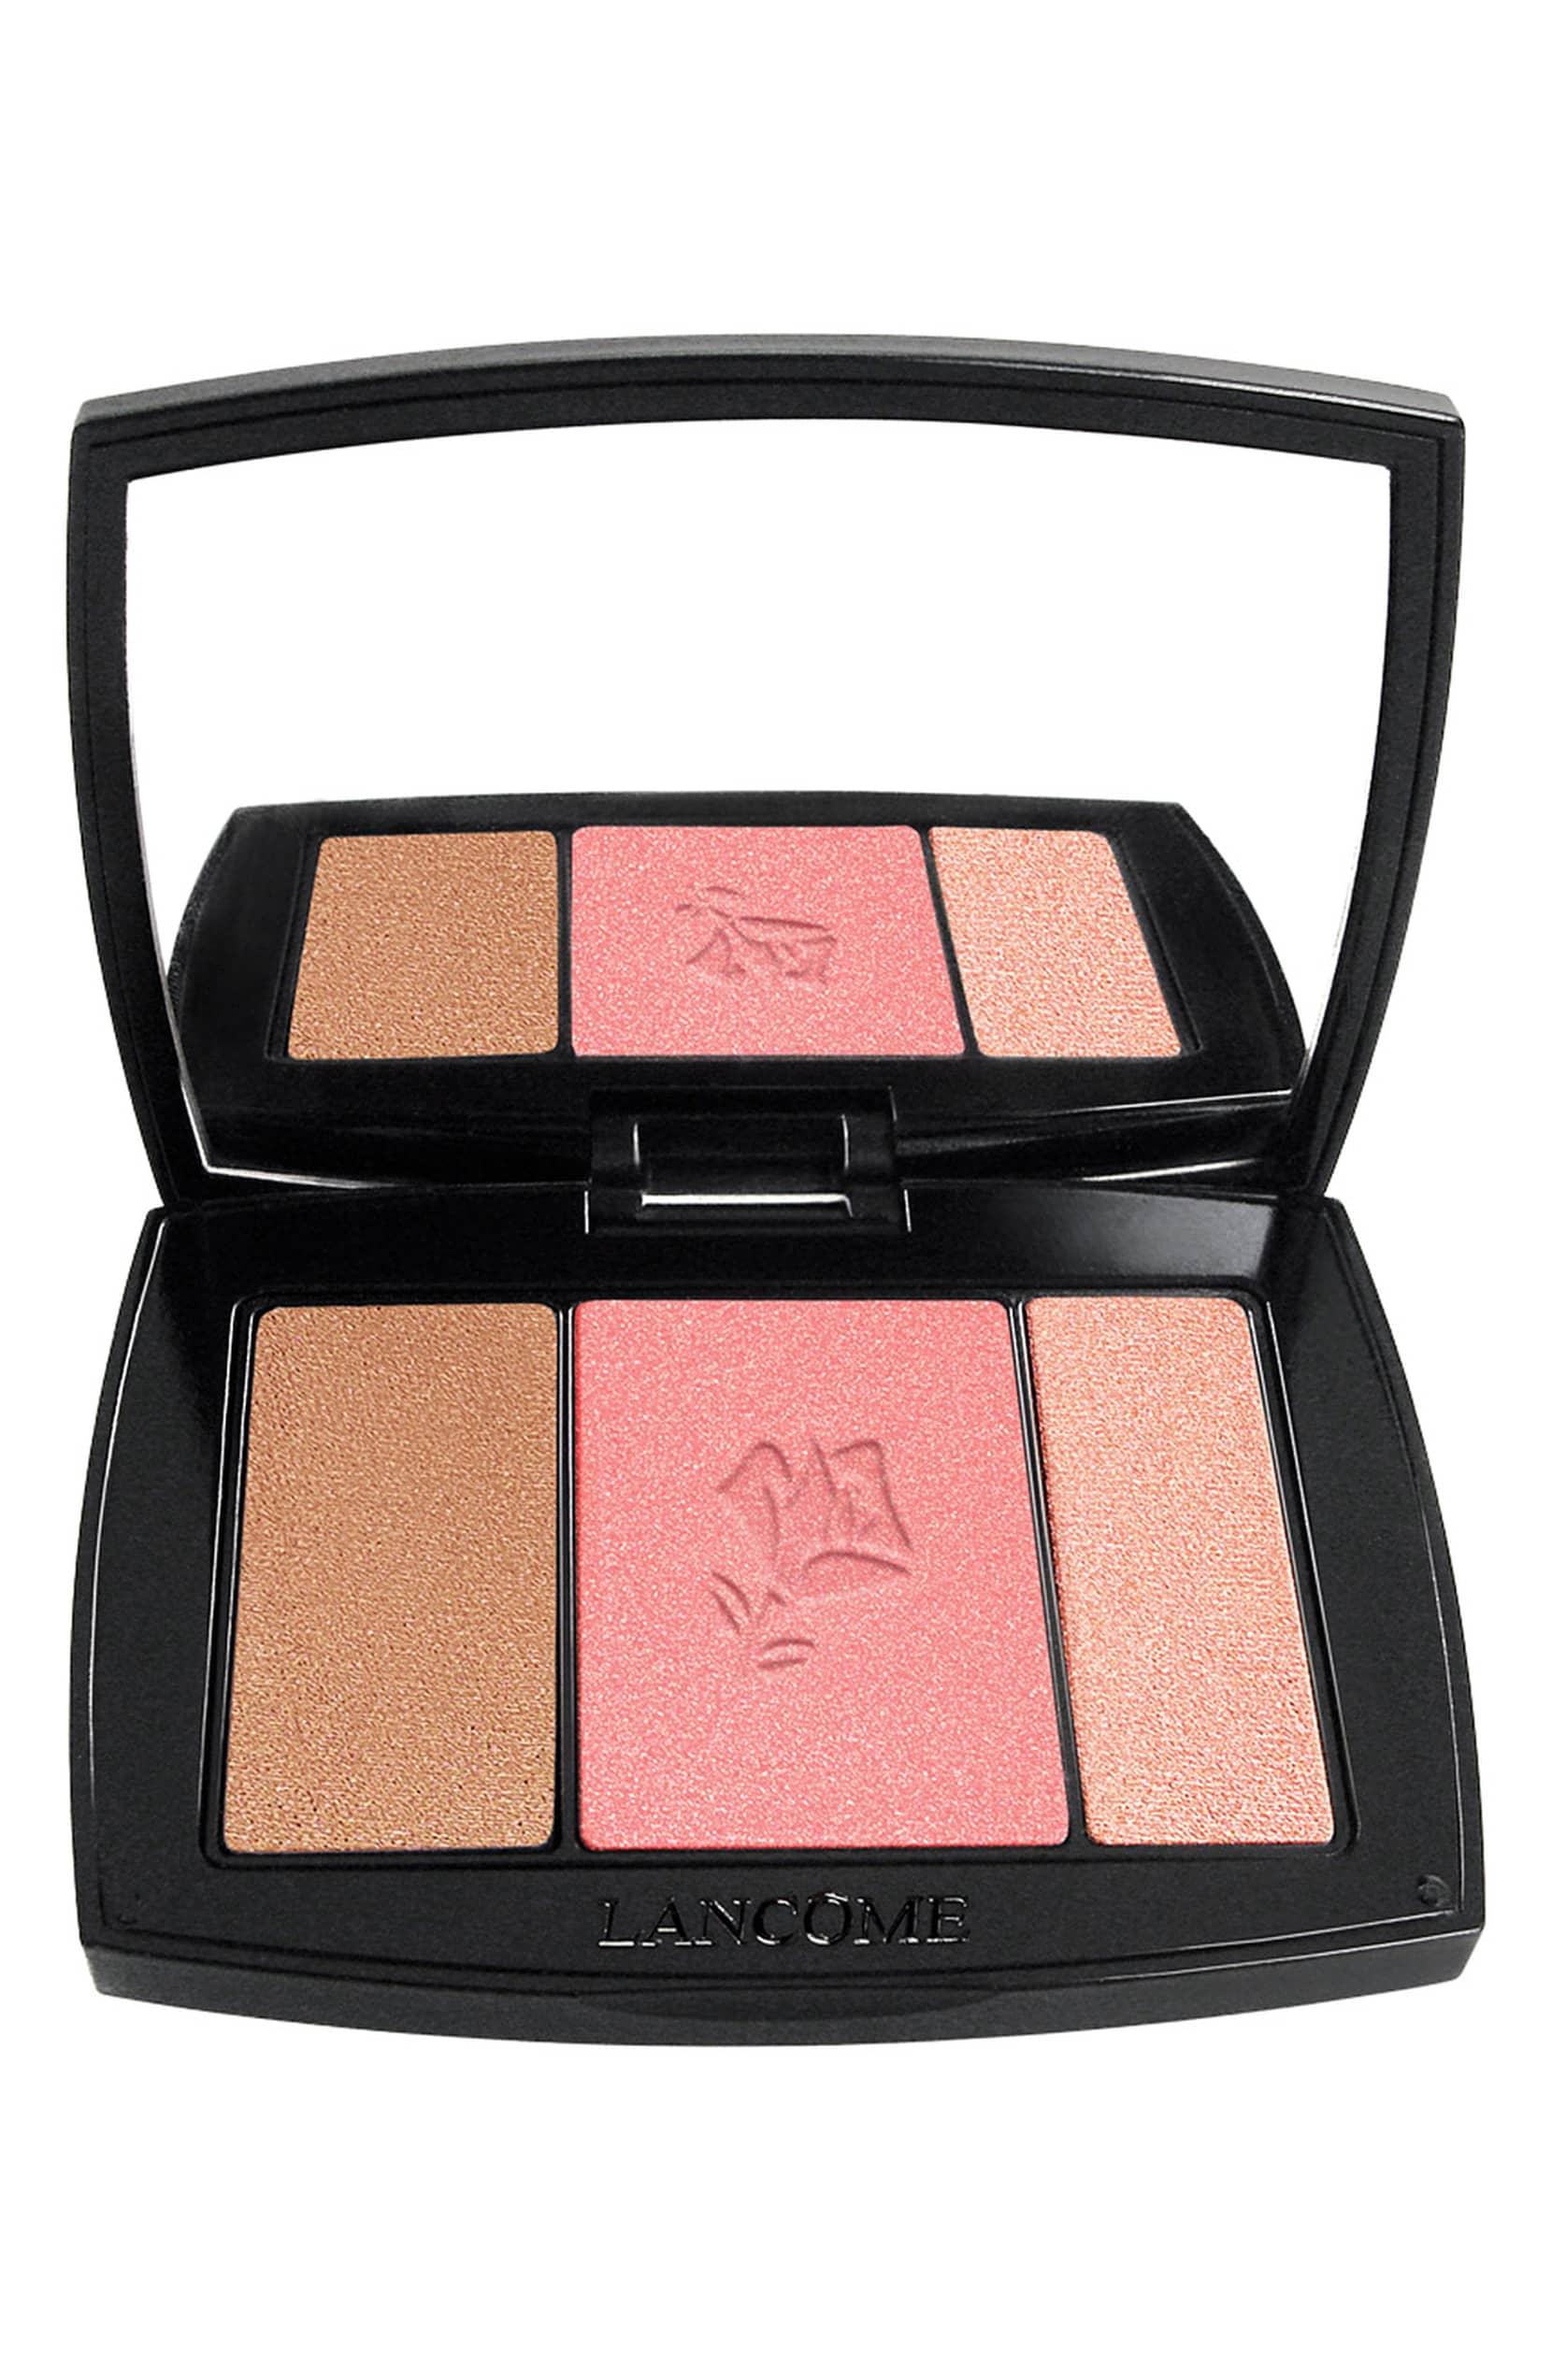 """Image Credit- Nordstrom   Lancome blush palette in """"Rose Flush"""""""